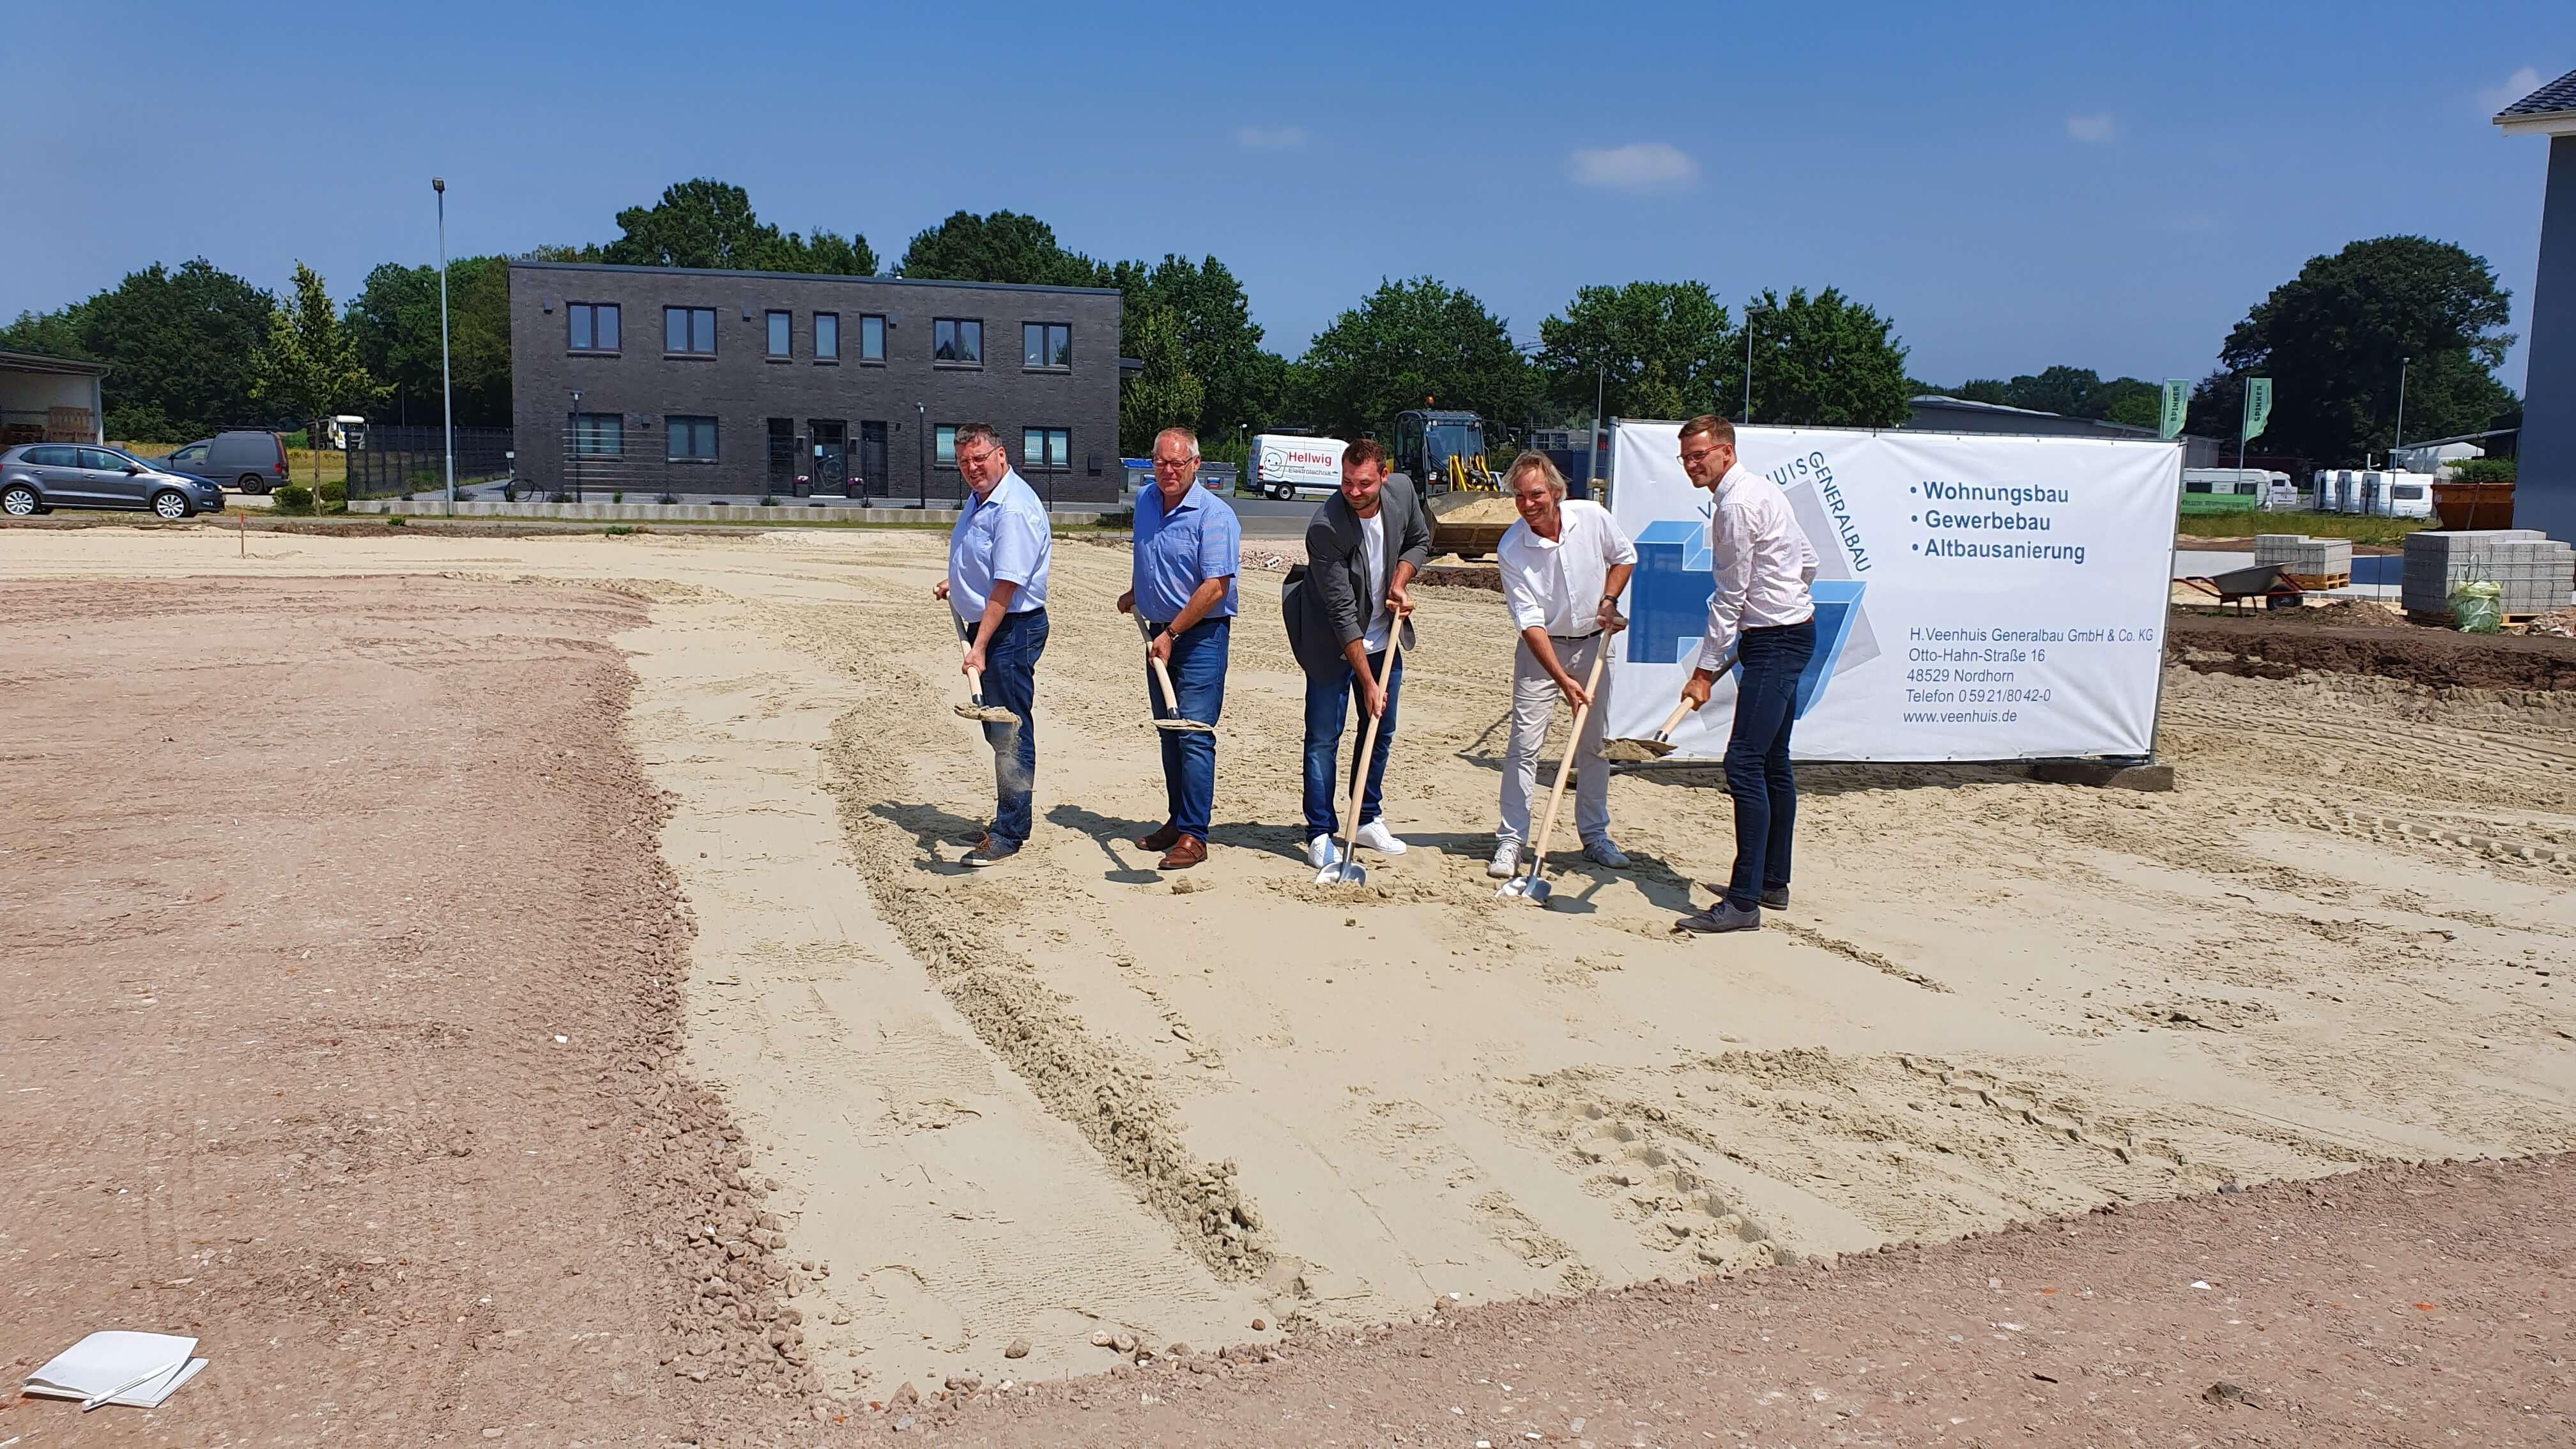 Symbolisch nehmen der Firmeninhaber Lutz Bergknecht und der Geschäftsführer Benjamin Bergknecht neben dem Bürgermeister, Bauunternehmer und Wirtschaftsförderer die Spaten in die Hand.